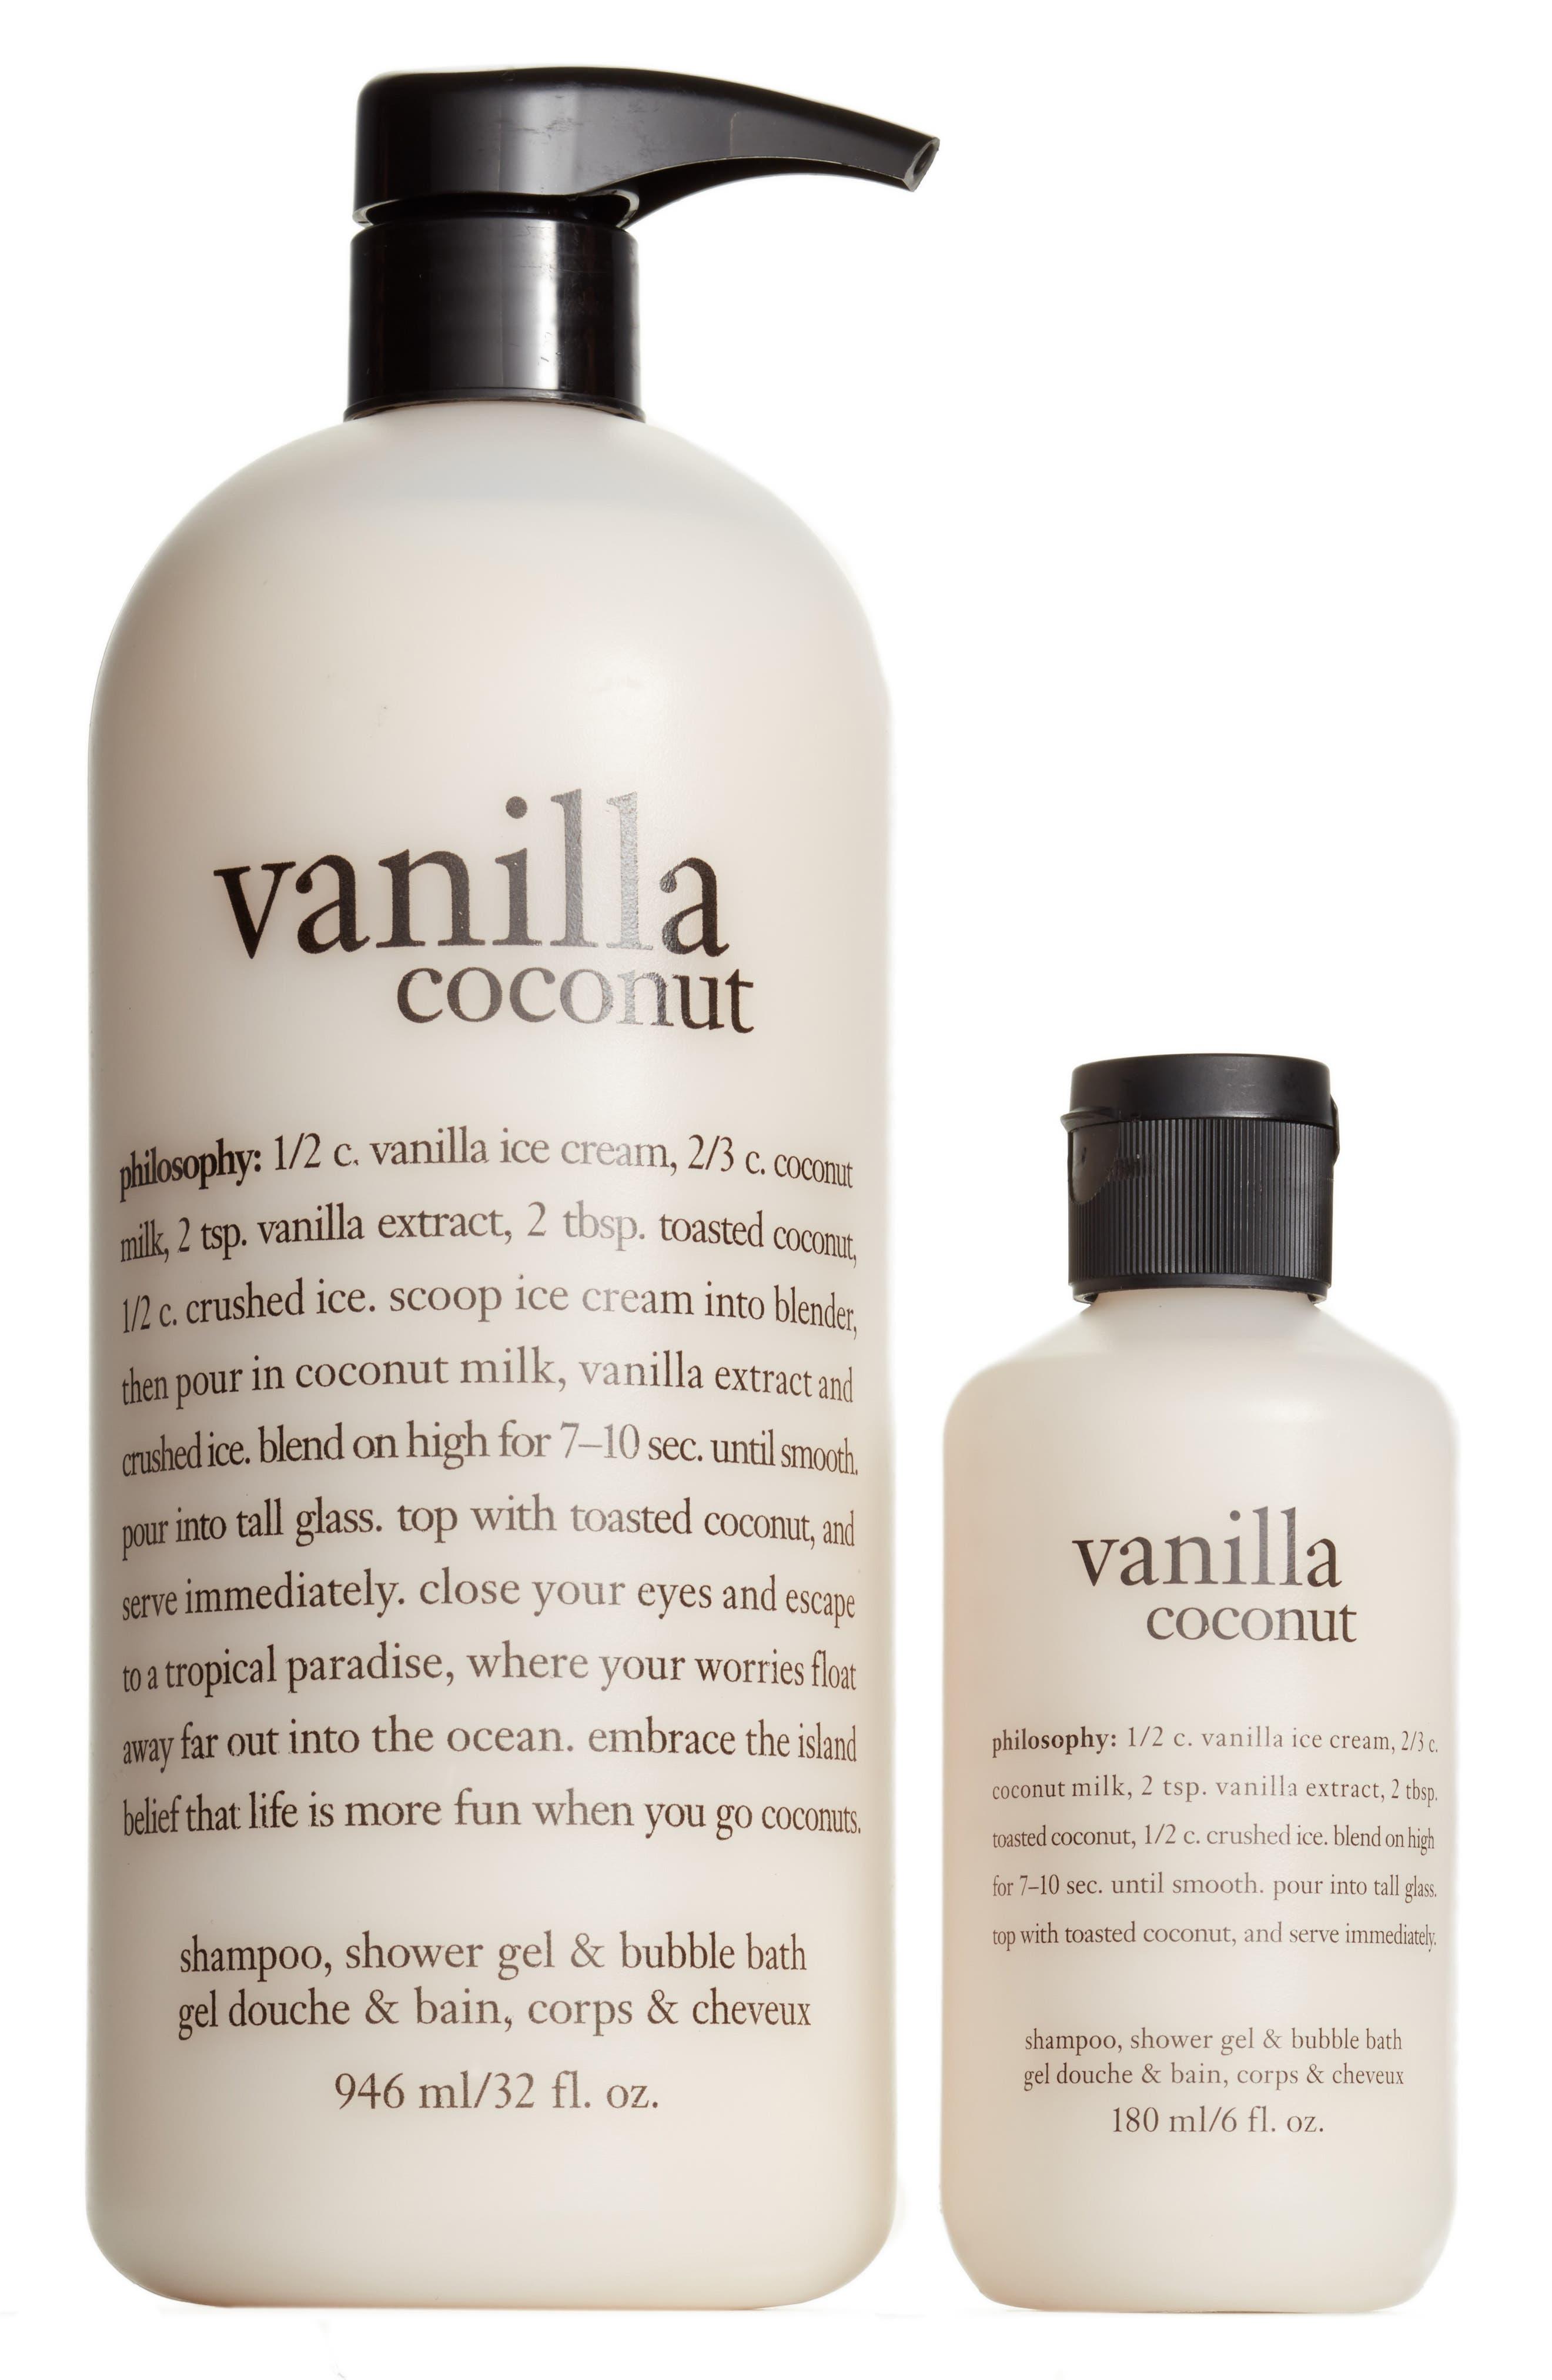 Philosophy Vanilla Coconut Shampoo Shower Gel Bubble Bath Duo Nordstrom Exclusive 39 Value